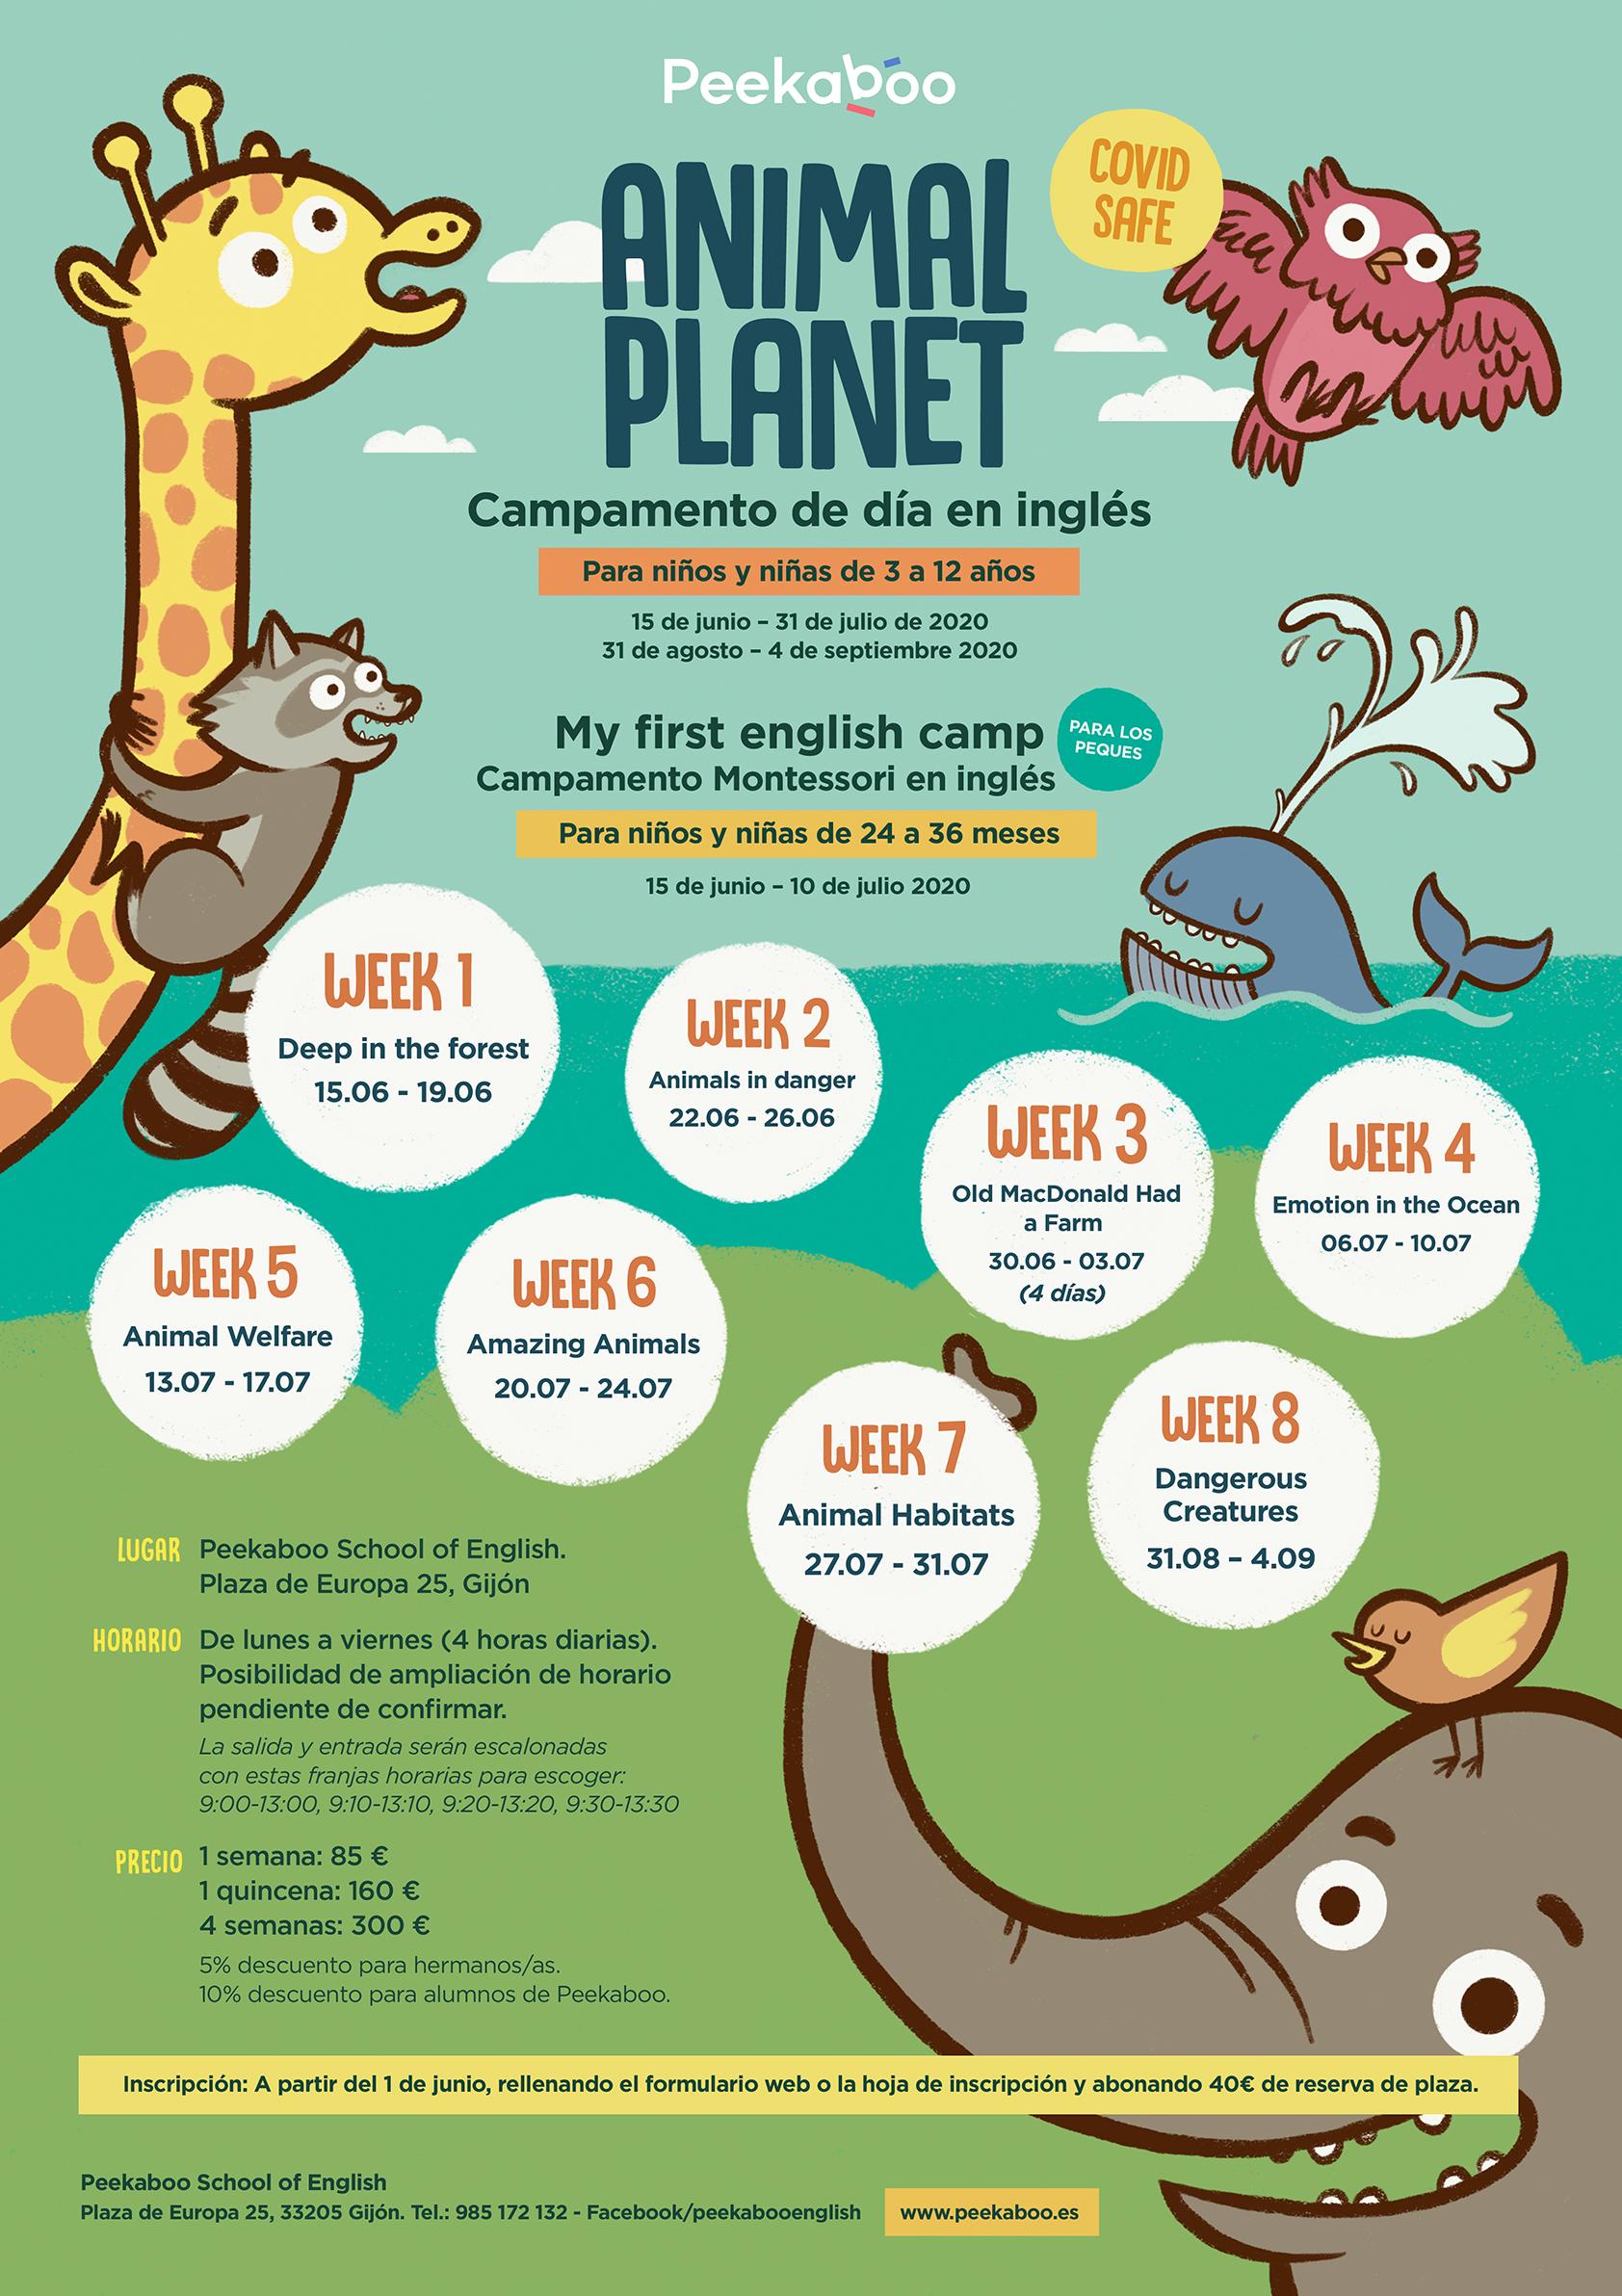 Animal Planet Peekaboo